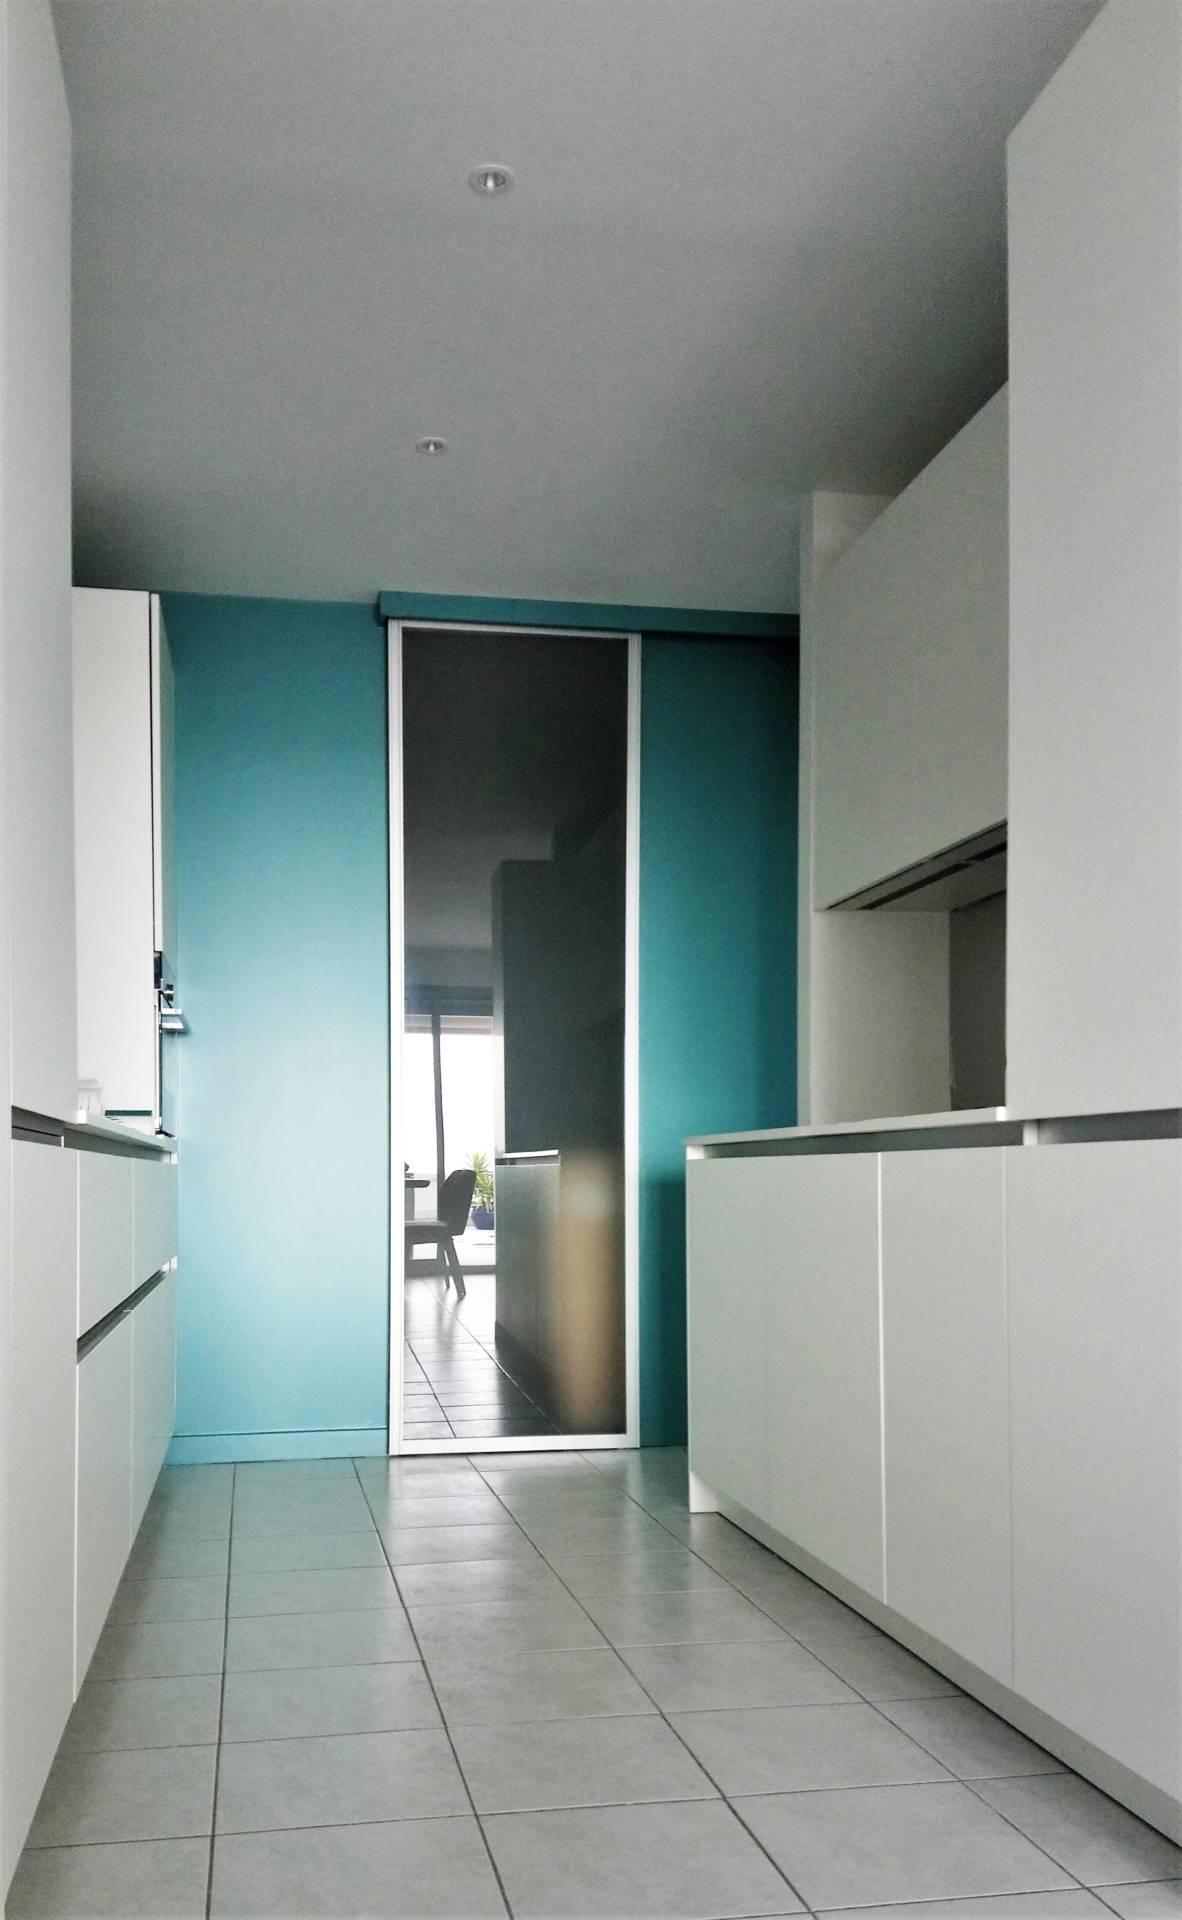 Décoration cuisine par Anne Solenn Chérat, Décoratrice UFDI sur Lorient, Vannes, Pontivy : appartement bord de mer.